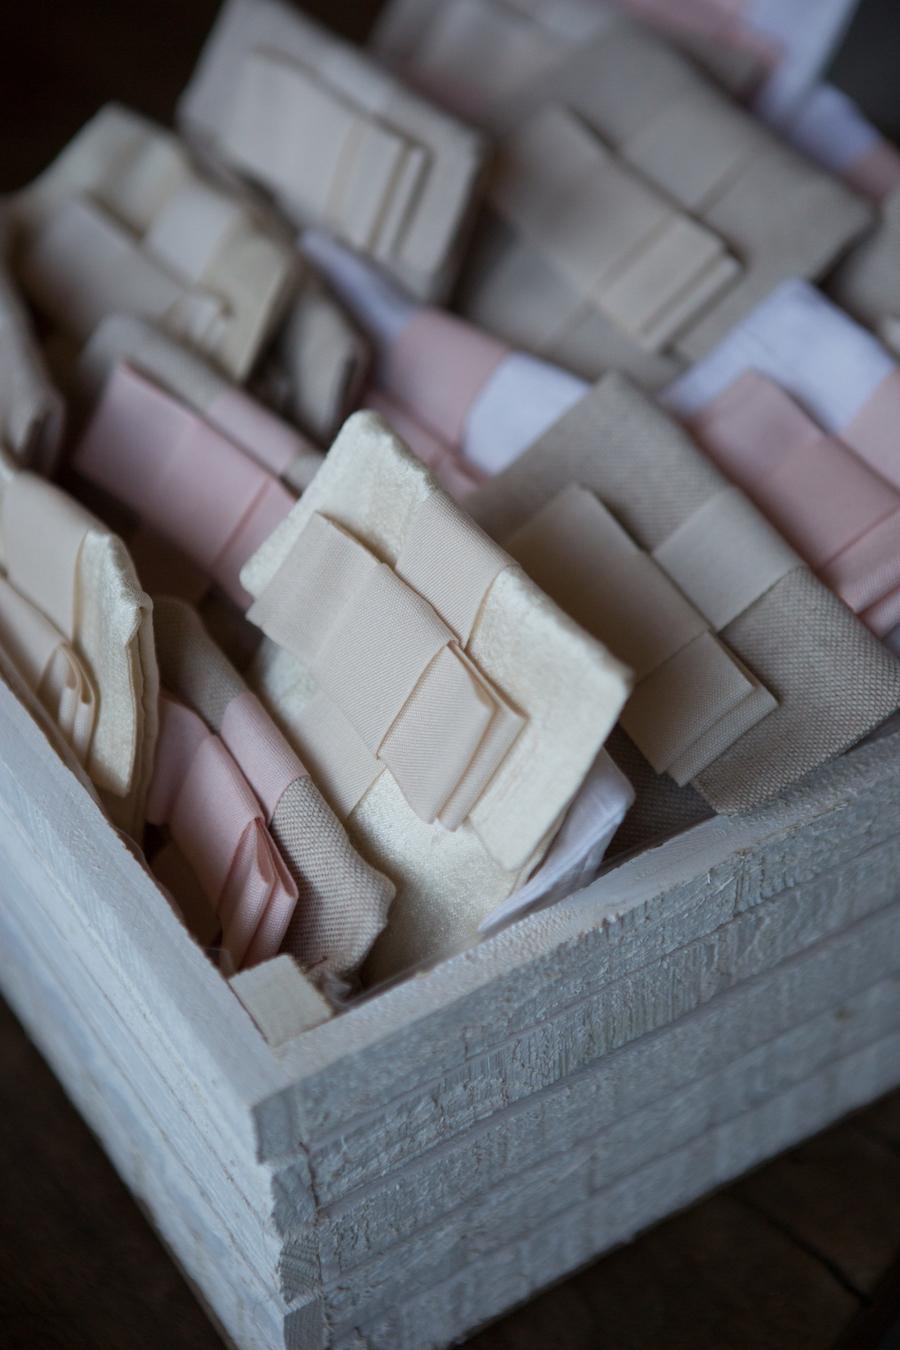 sacchetti porta confetti in lino e seta fatti a mano